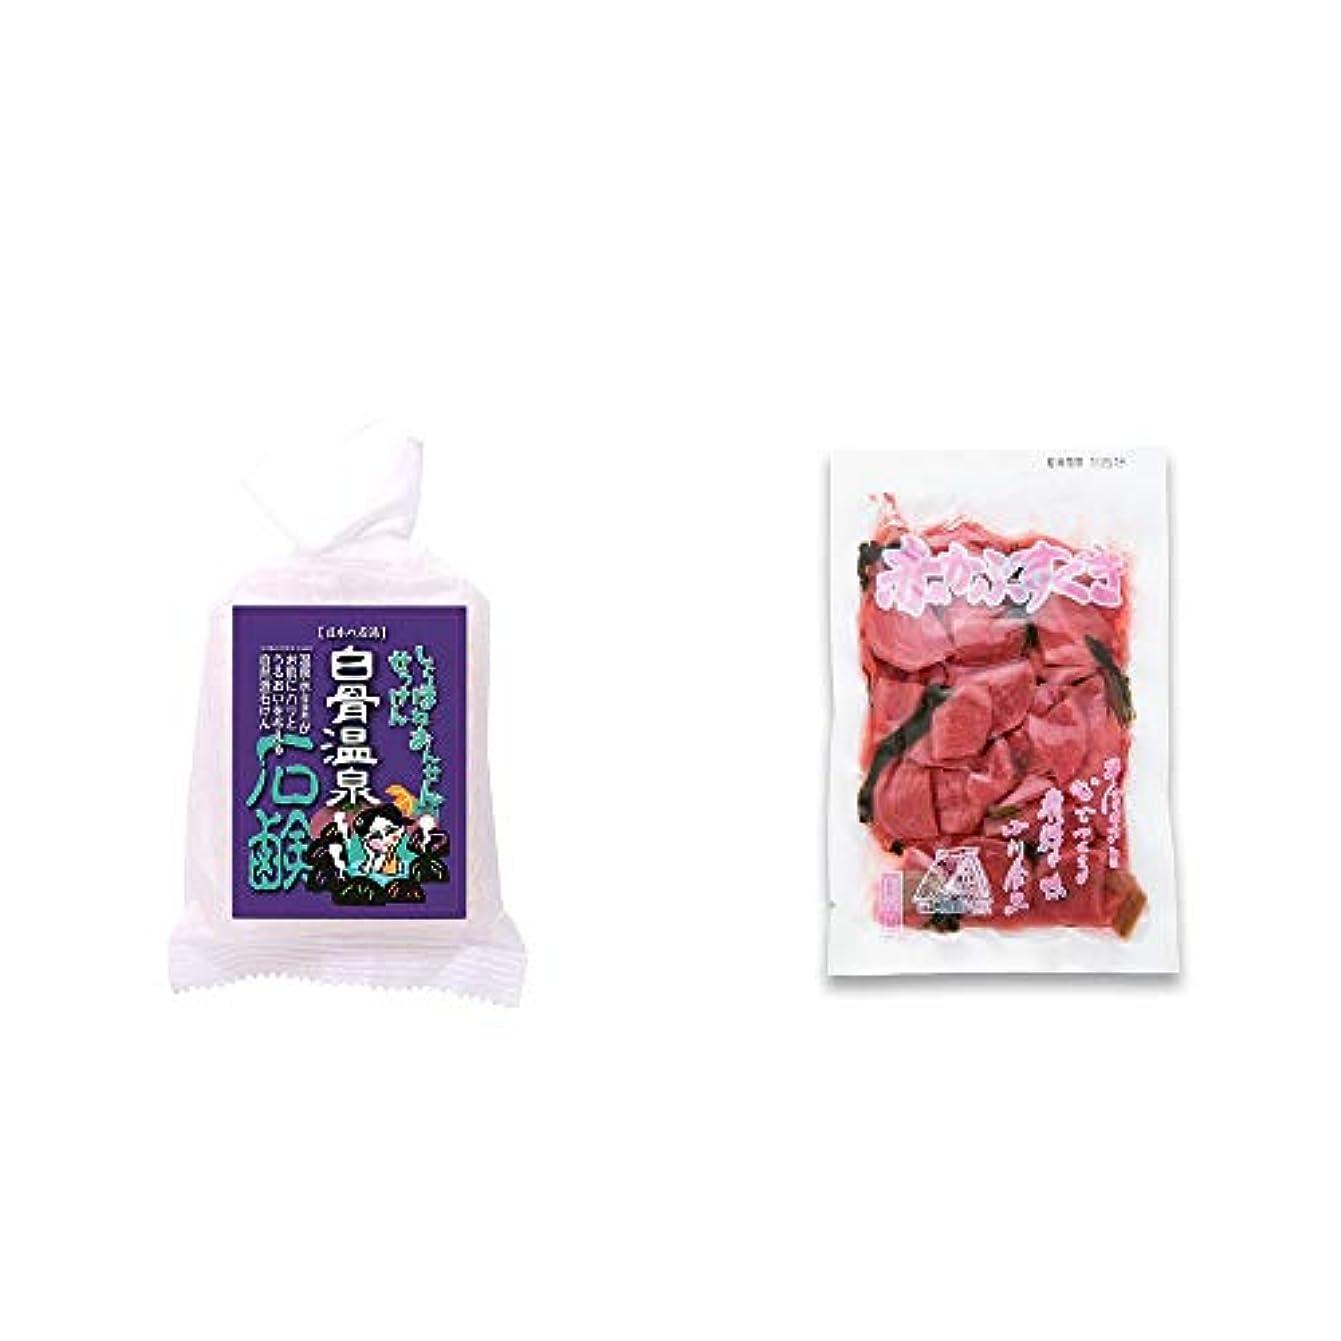 突進貯水池偉業[2点セット] 信州 白骨温泉石鹸(80g)?赤かぶすぐき(160g)